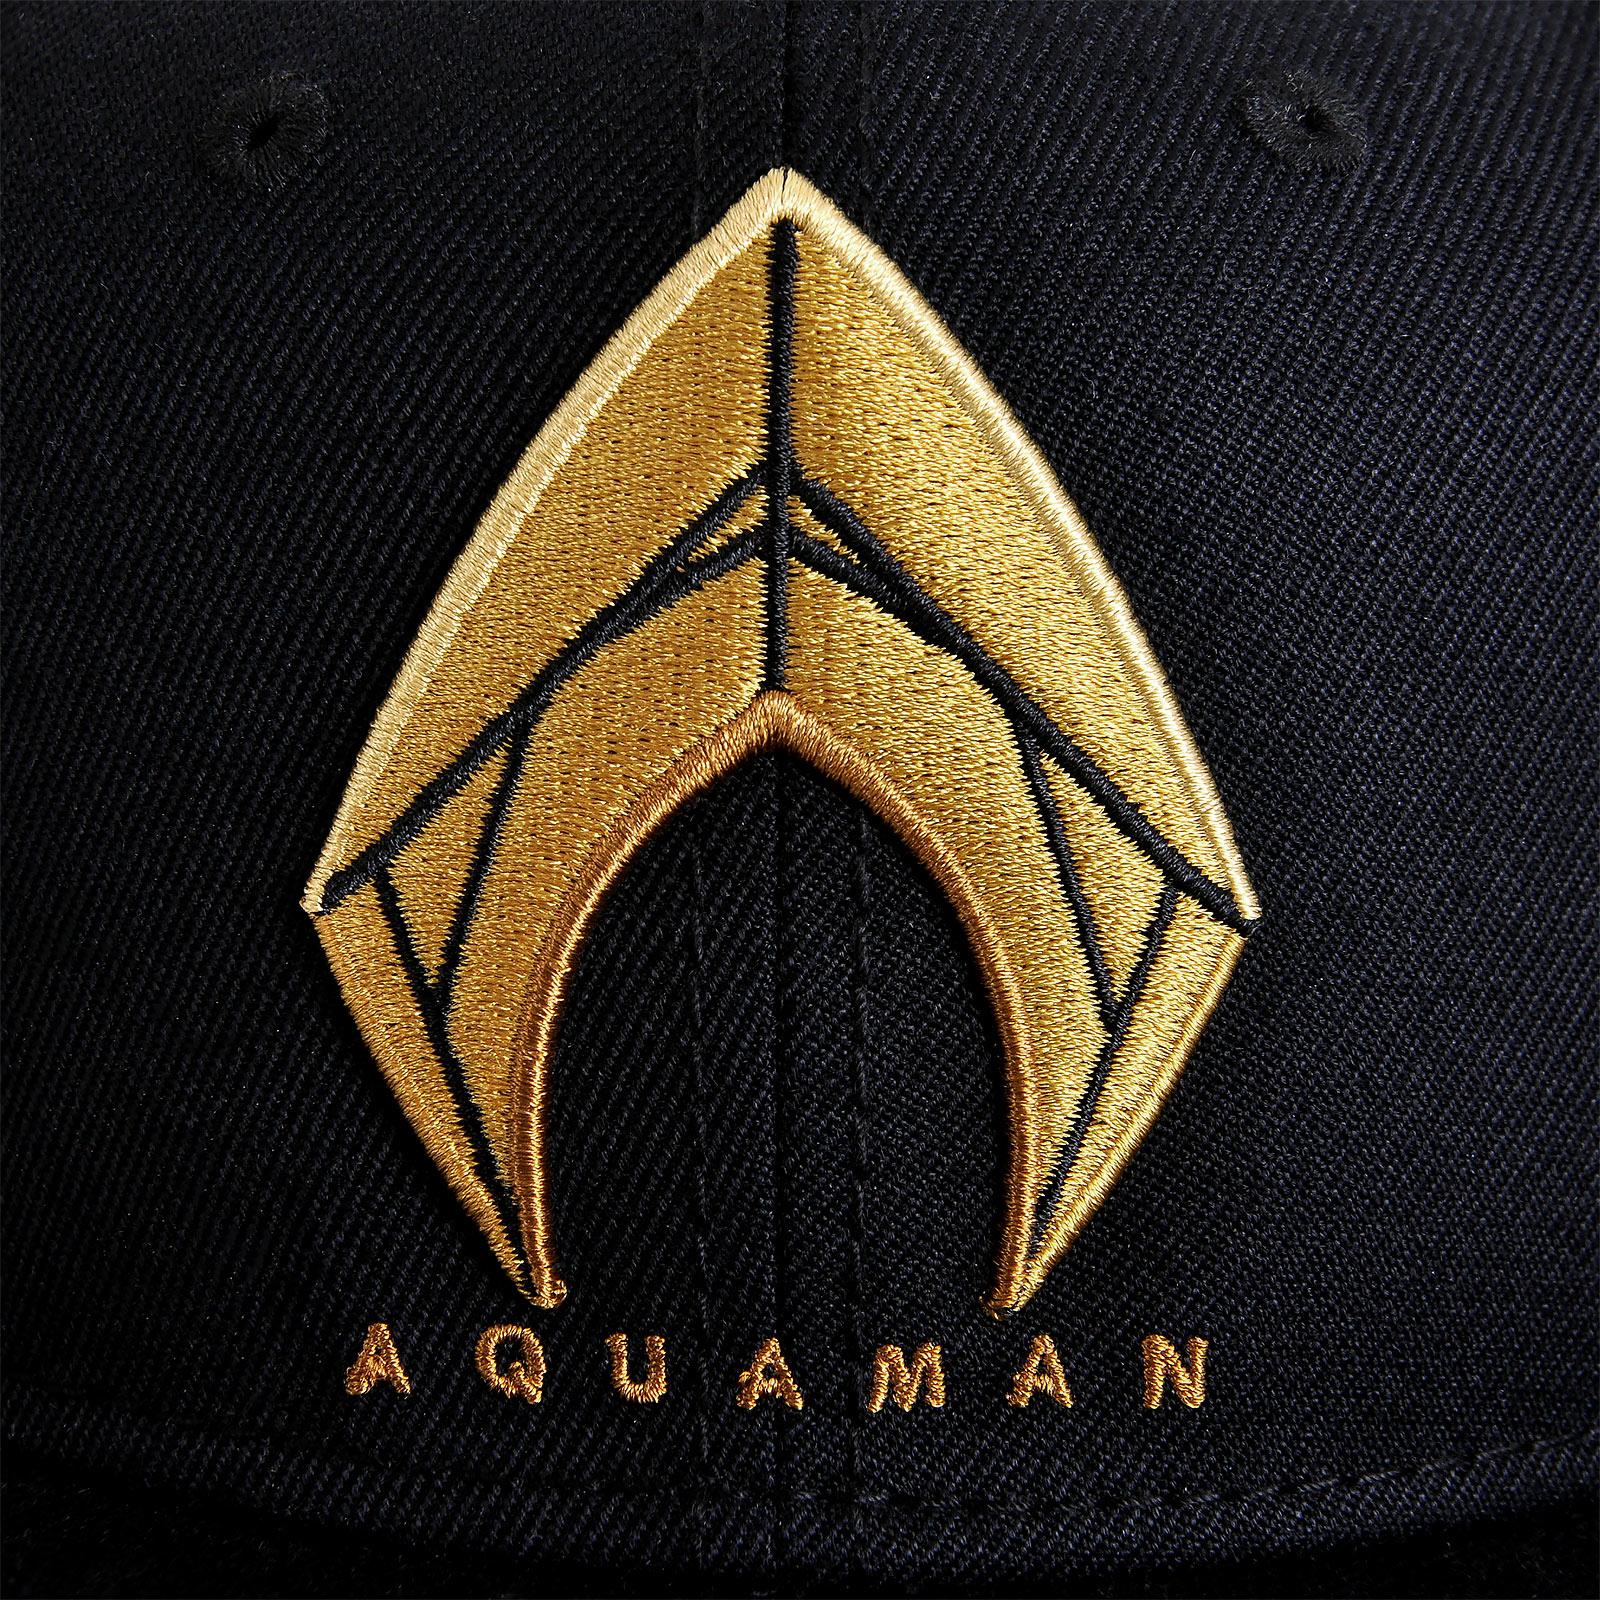 Aquaman Logo Snapback Cap - Justice League